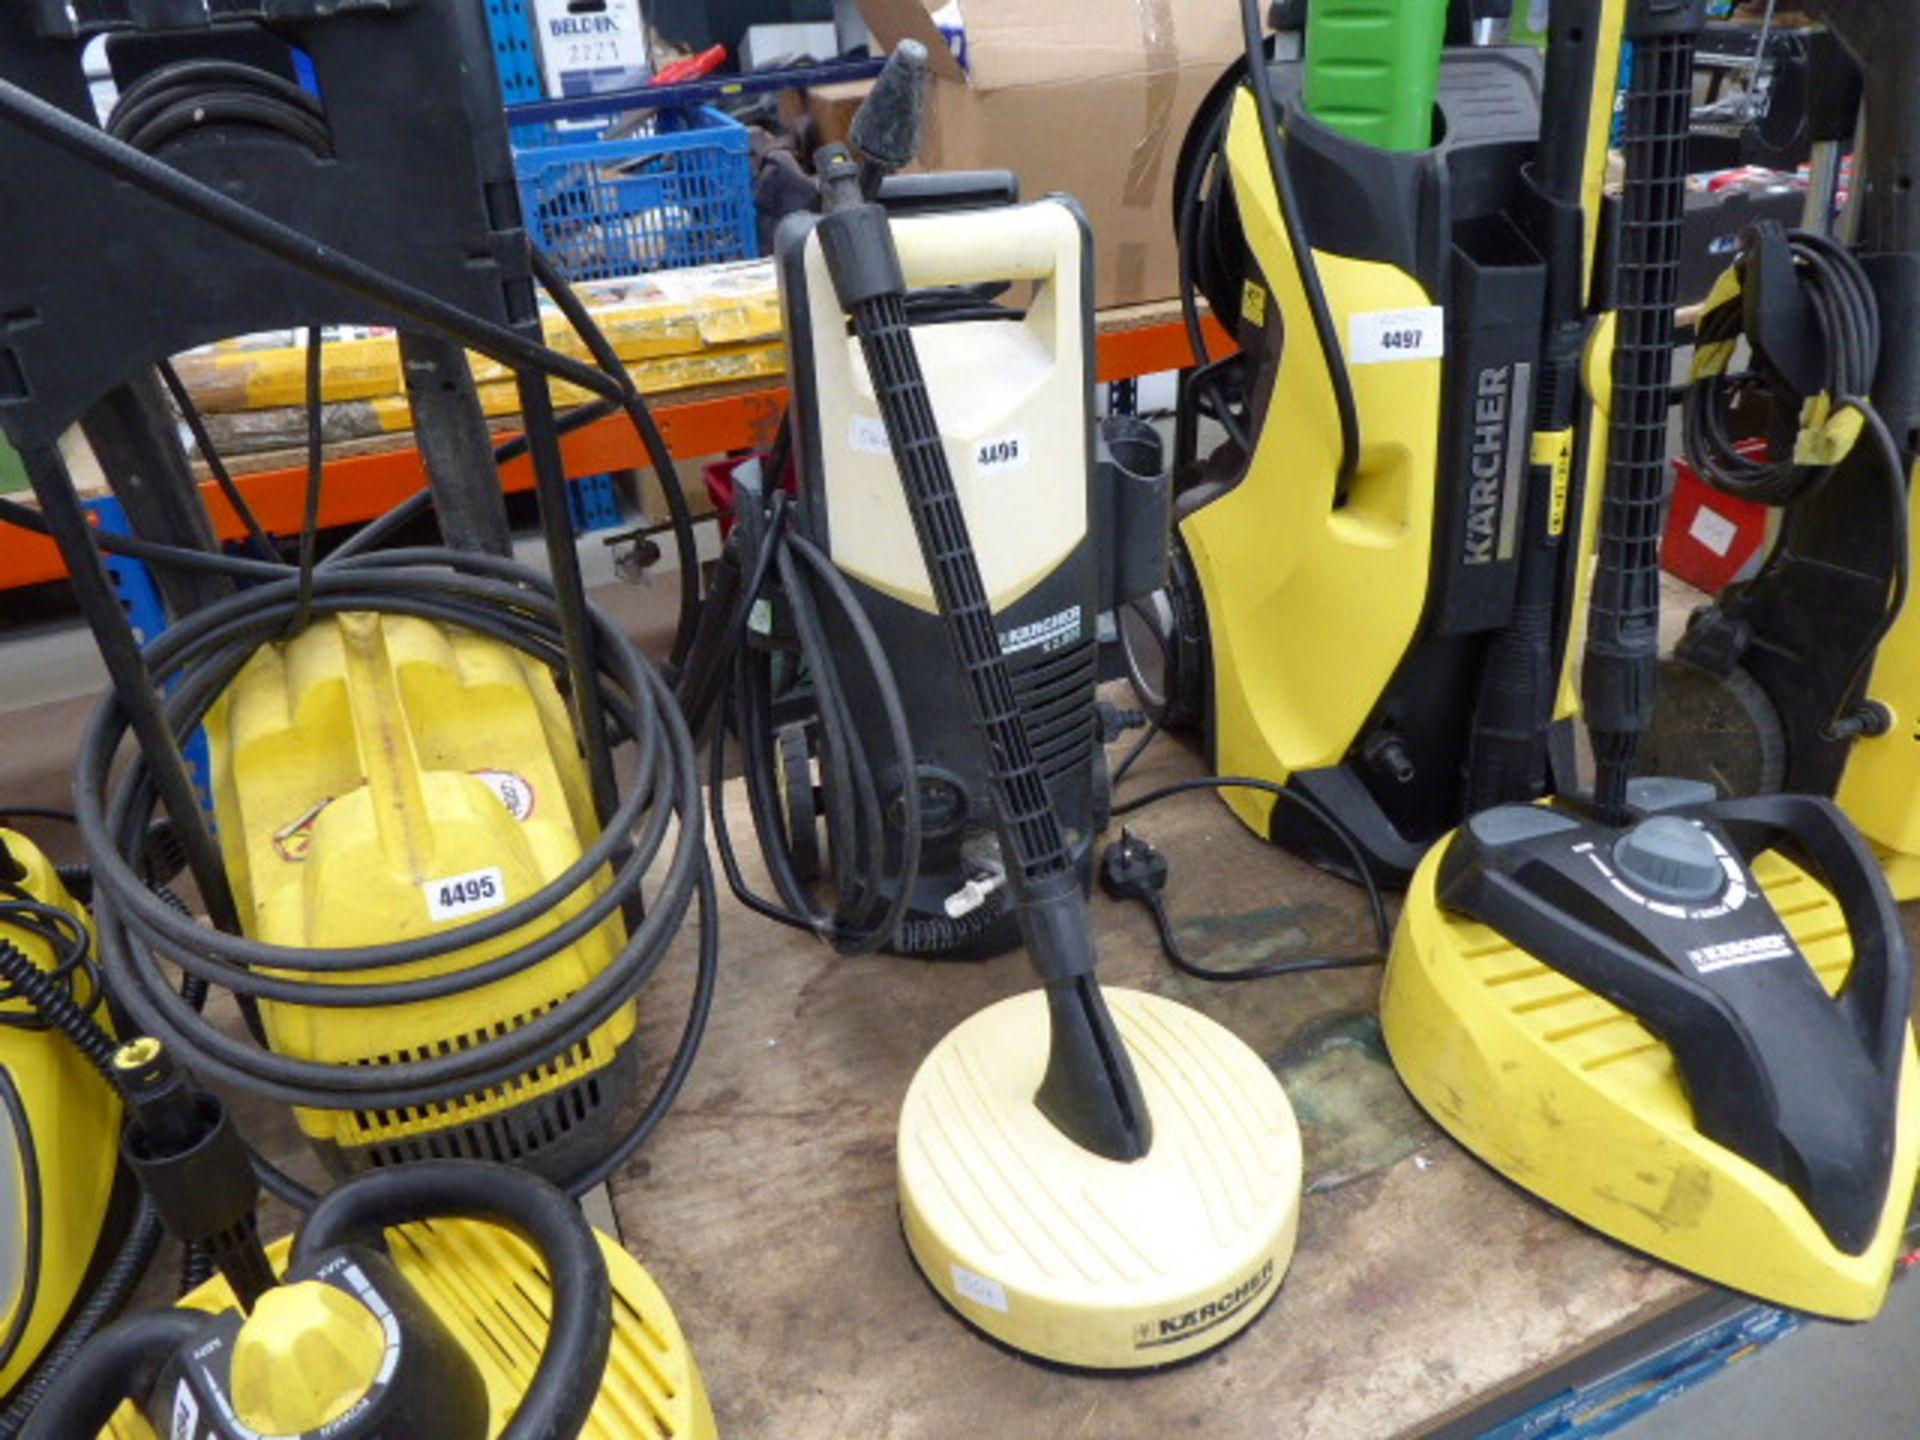 Lot 4496 - 4432 Karcher K2 electric pressure washer